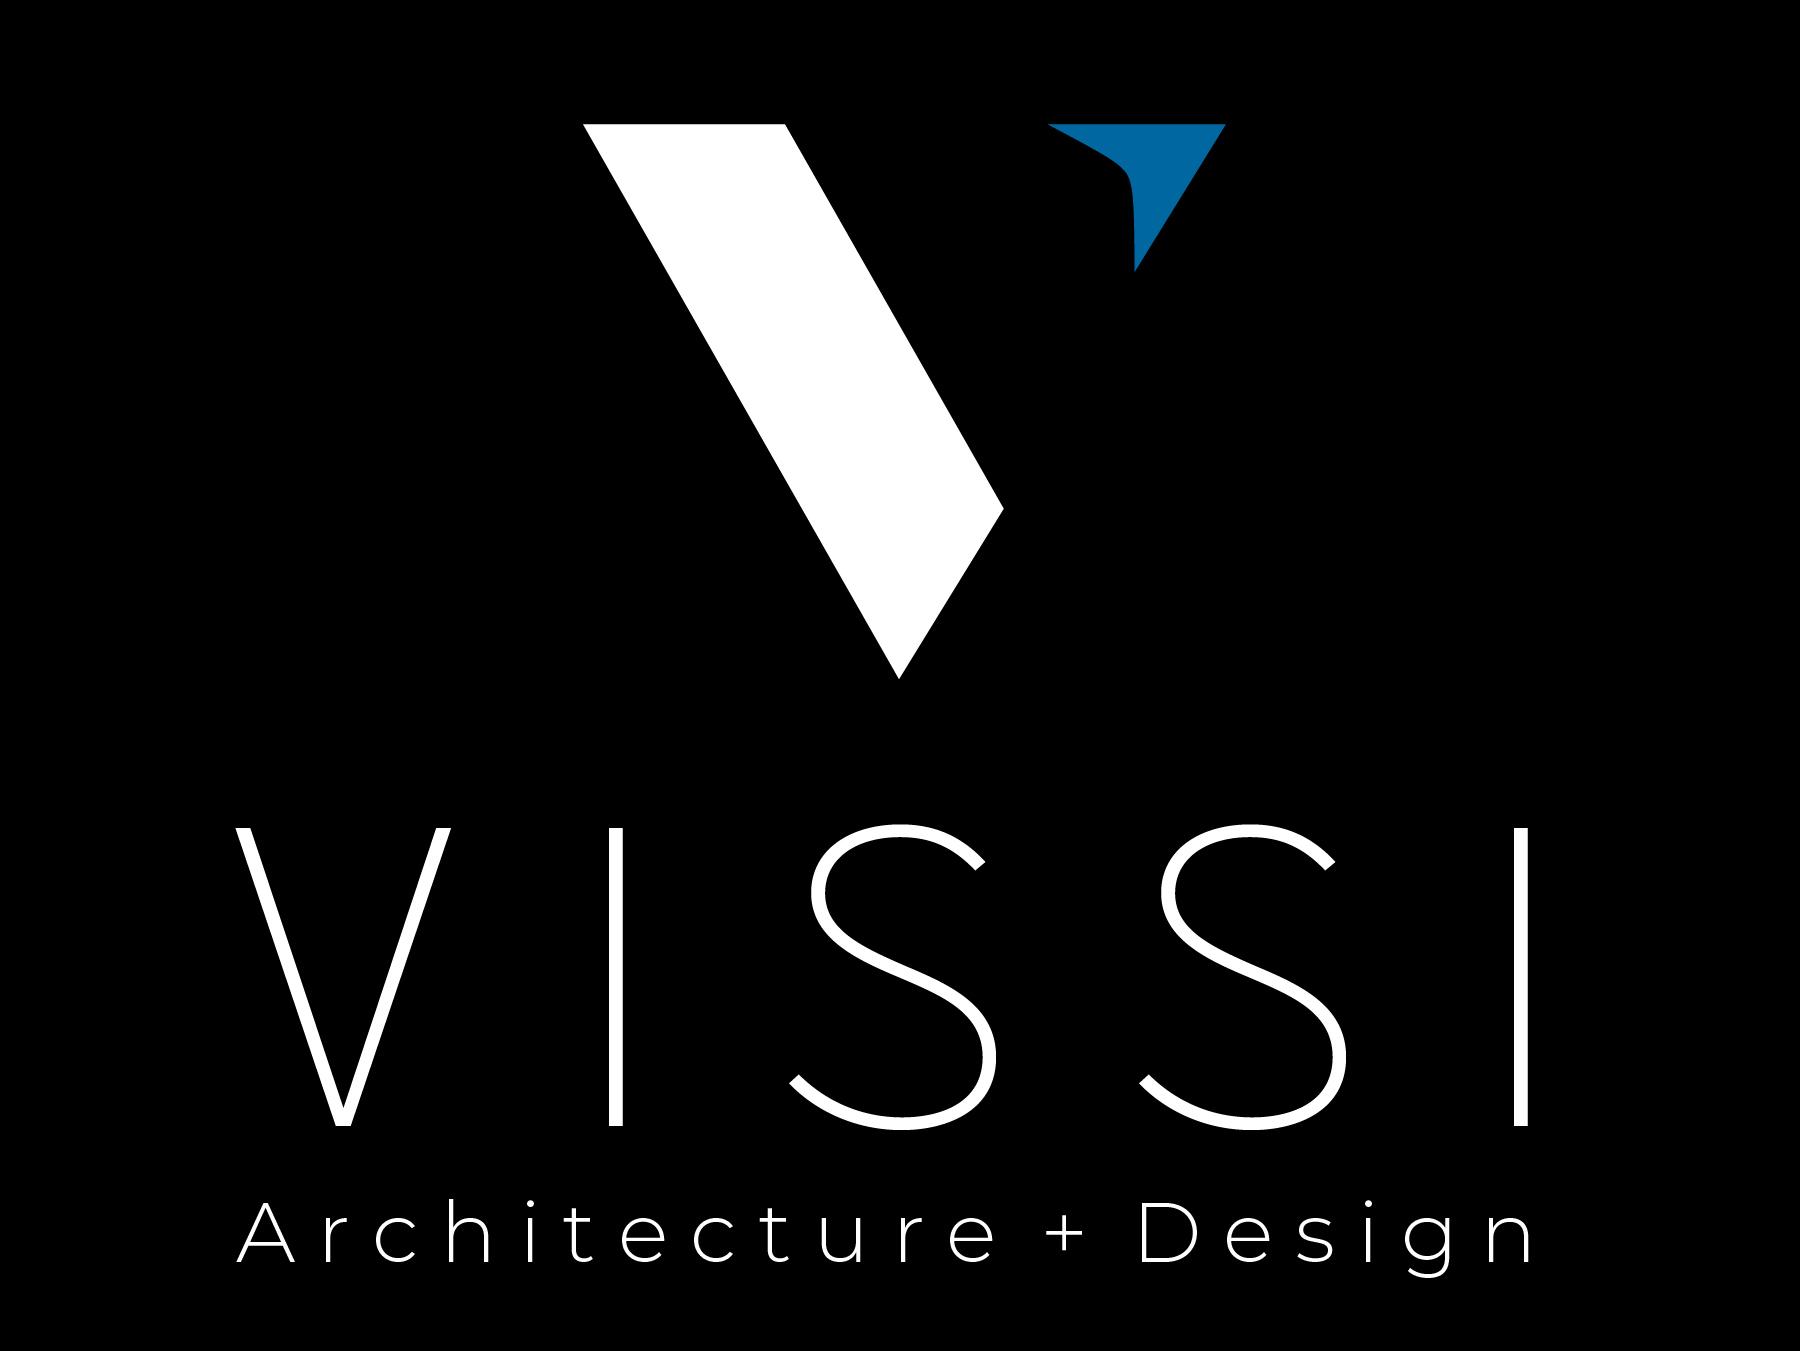 VISSI logo, white and blue V with black background.